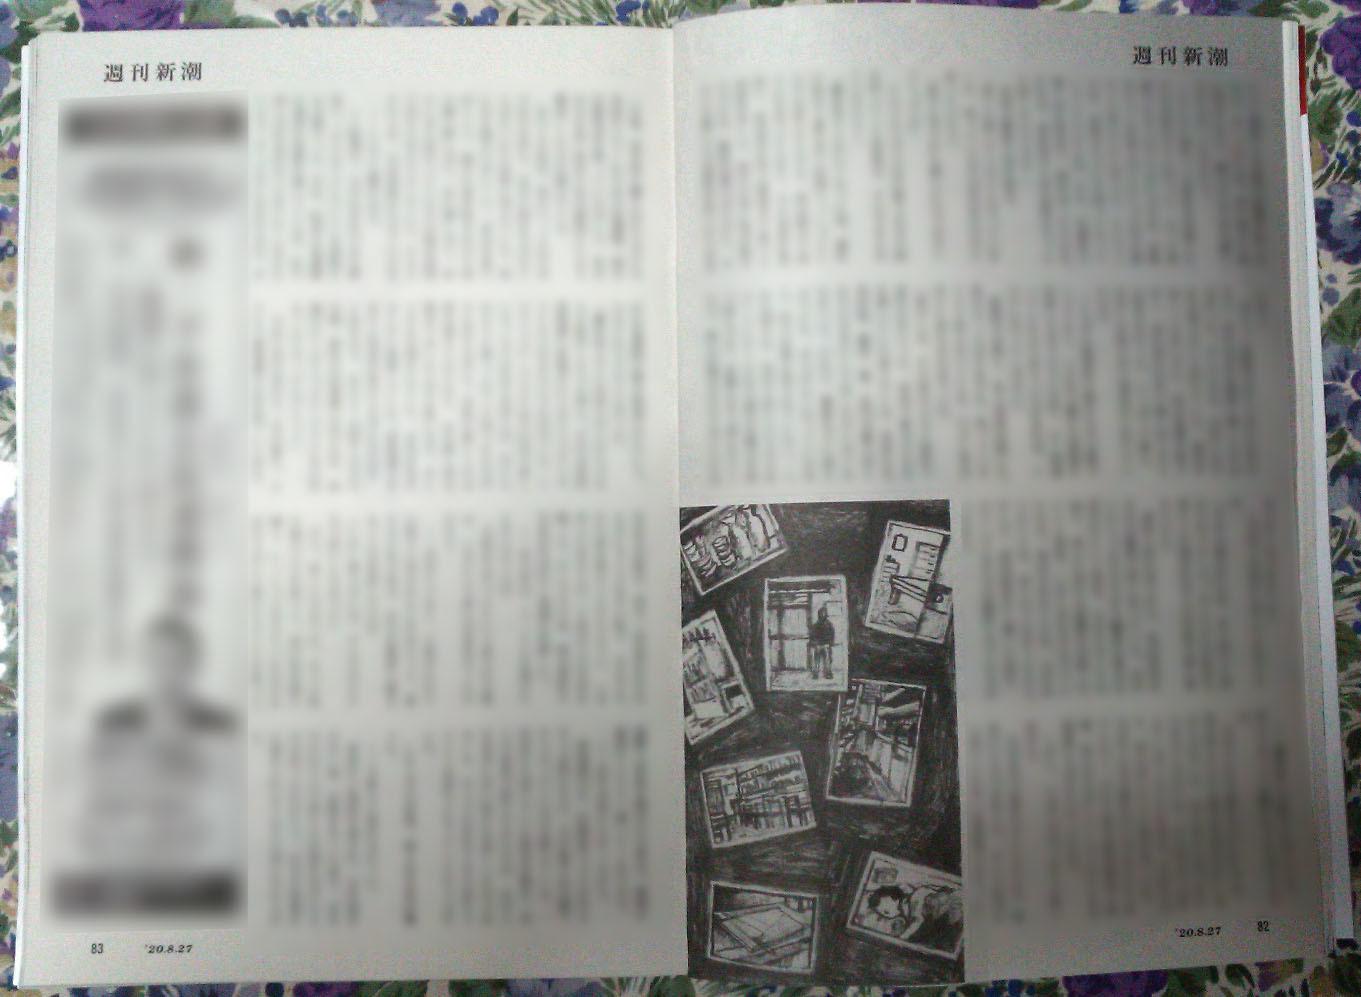 週刊新潮「雷神」挿絵 第32回〜34回_b0136144_16154117.jpg